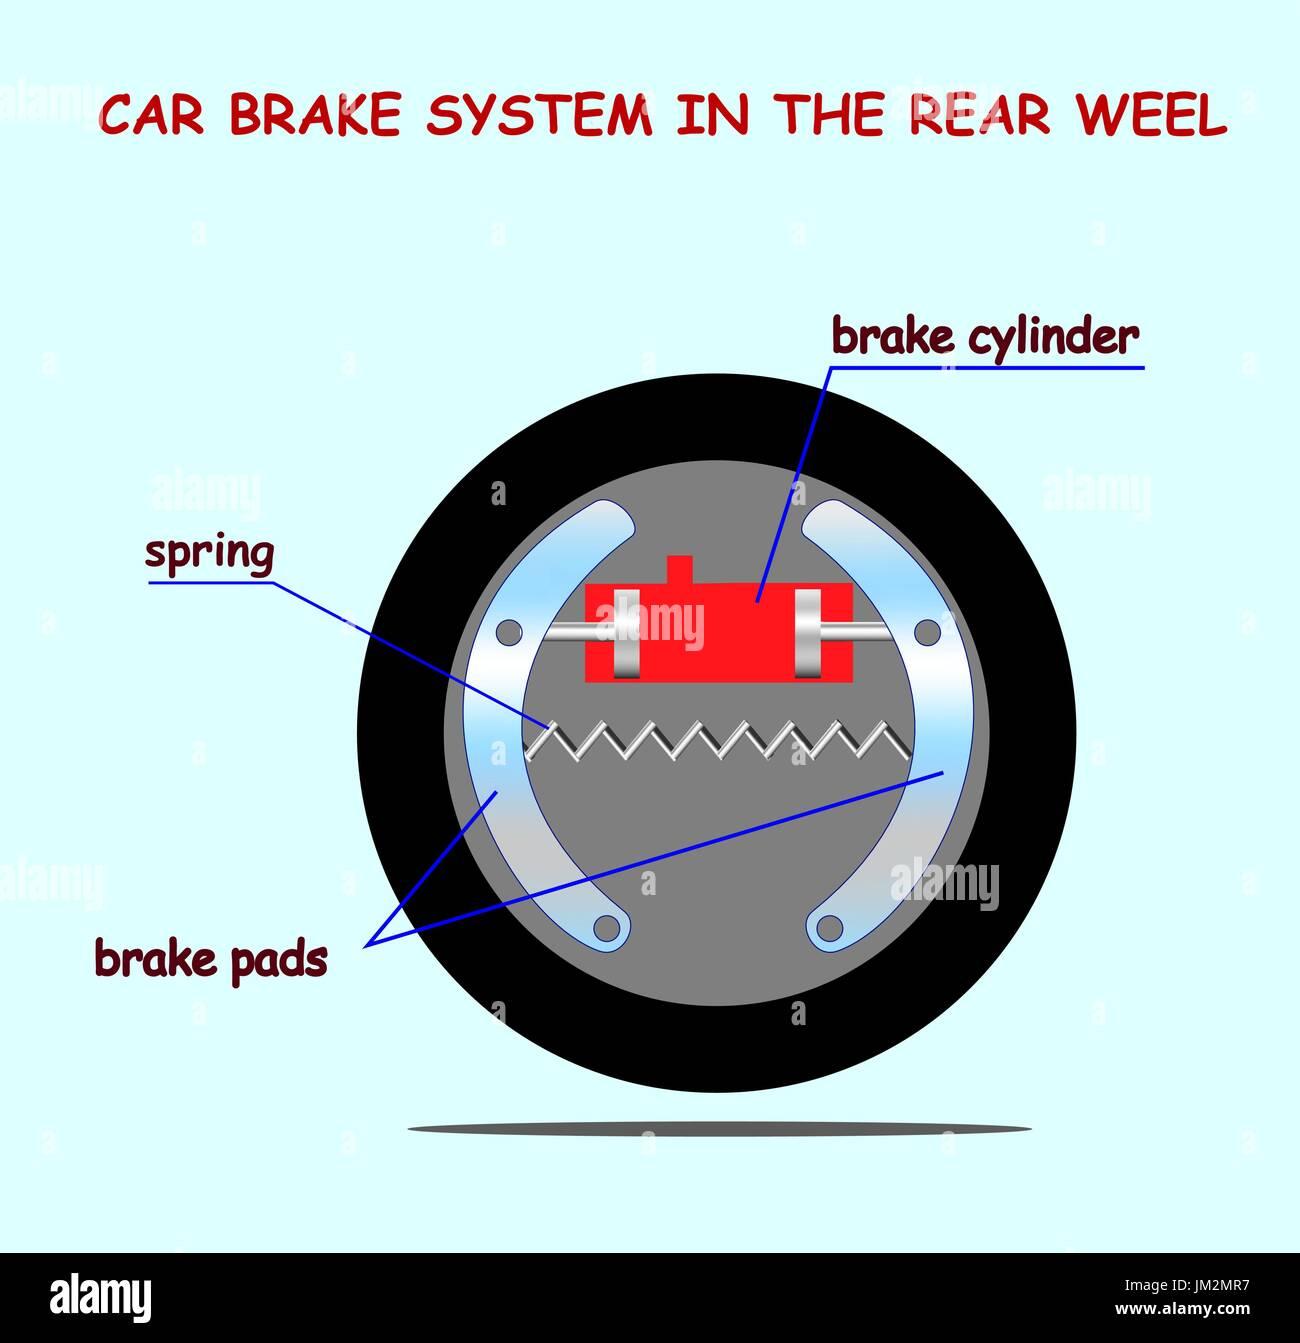 Auto Bremse System Schema. Ausbildung Info Vektorgrafik Vektor ...